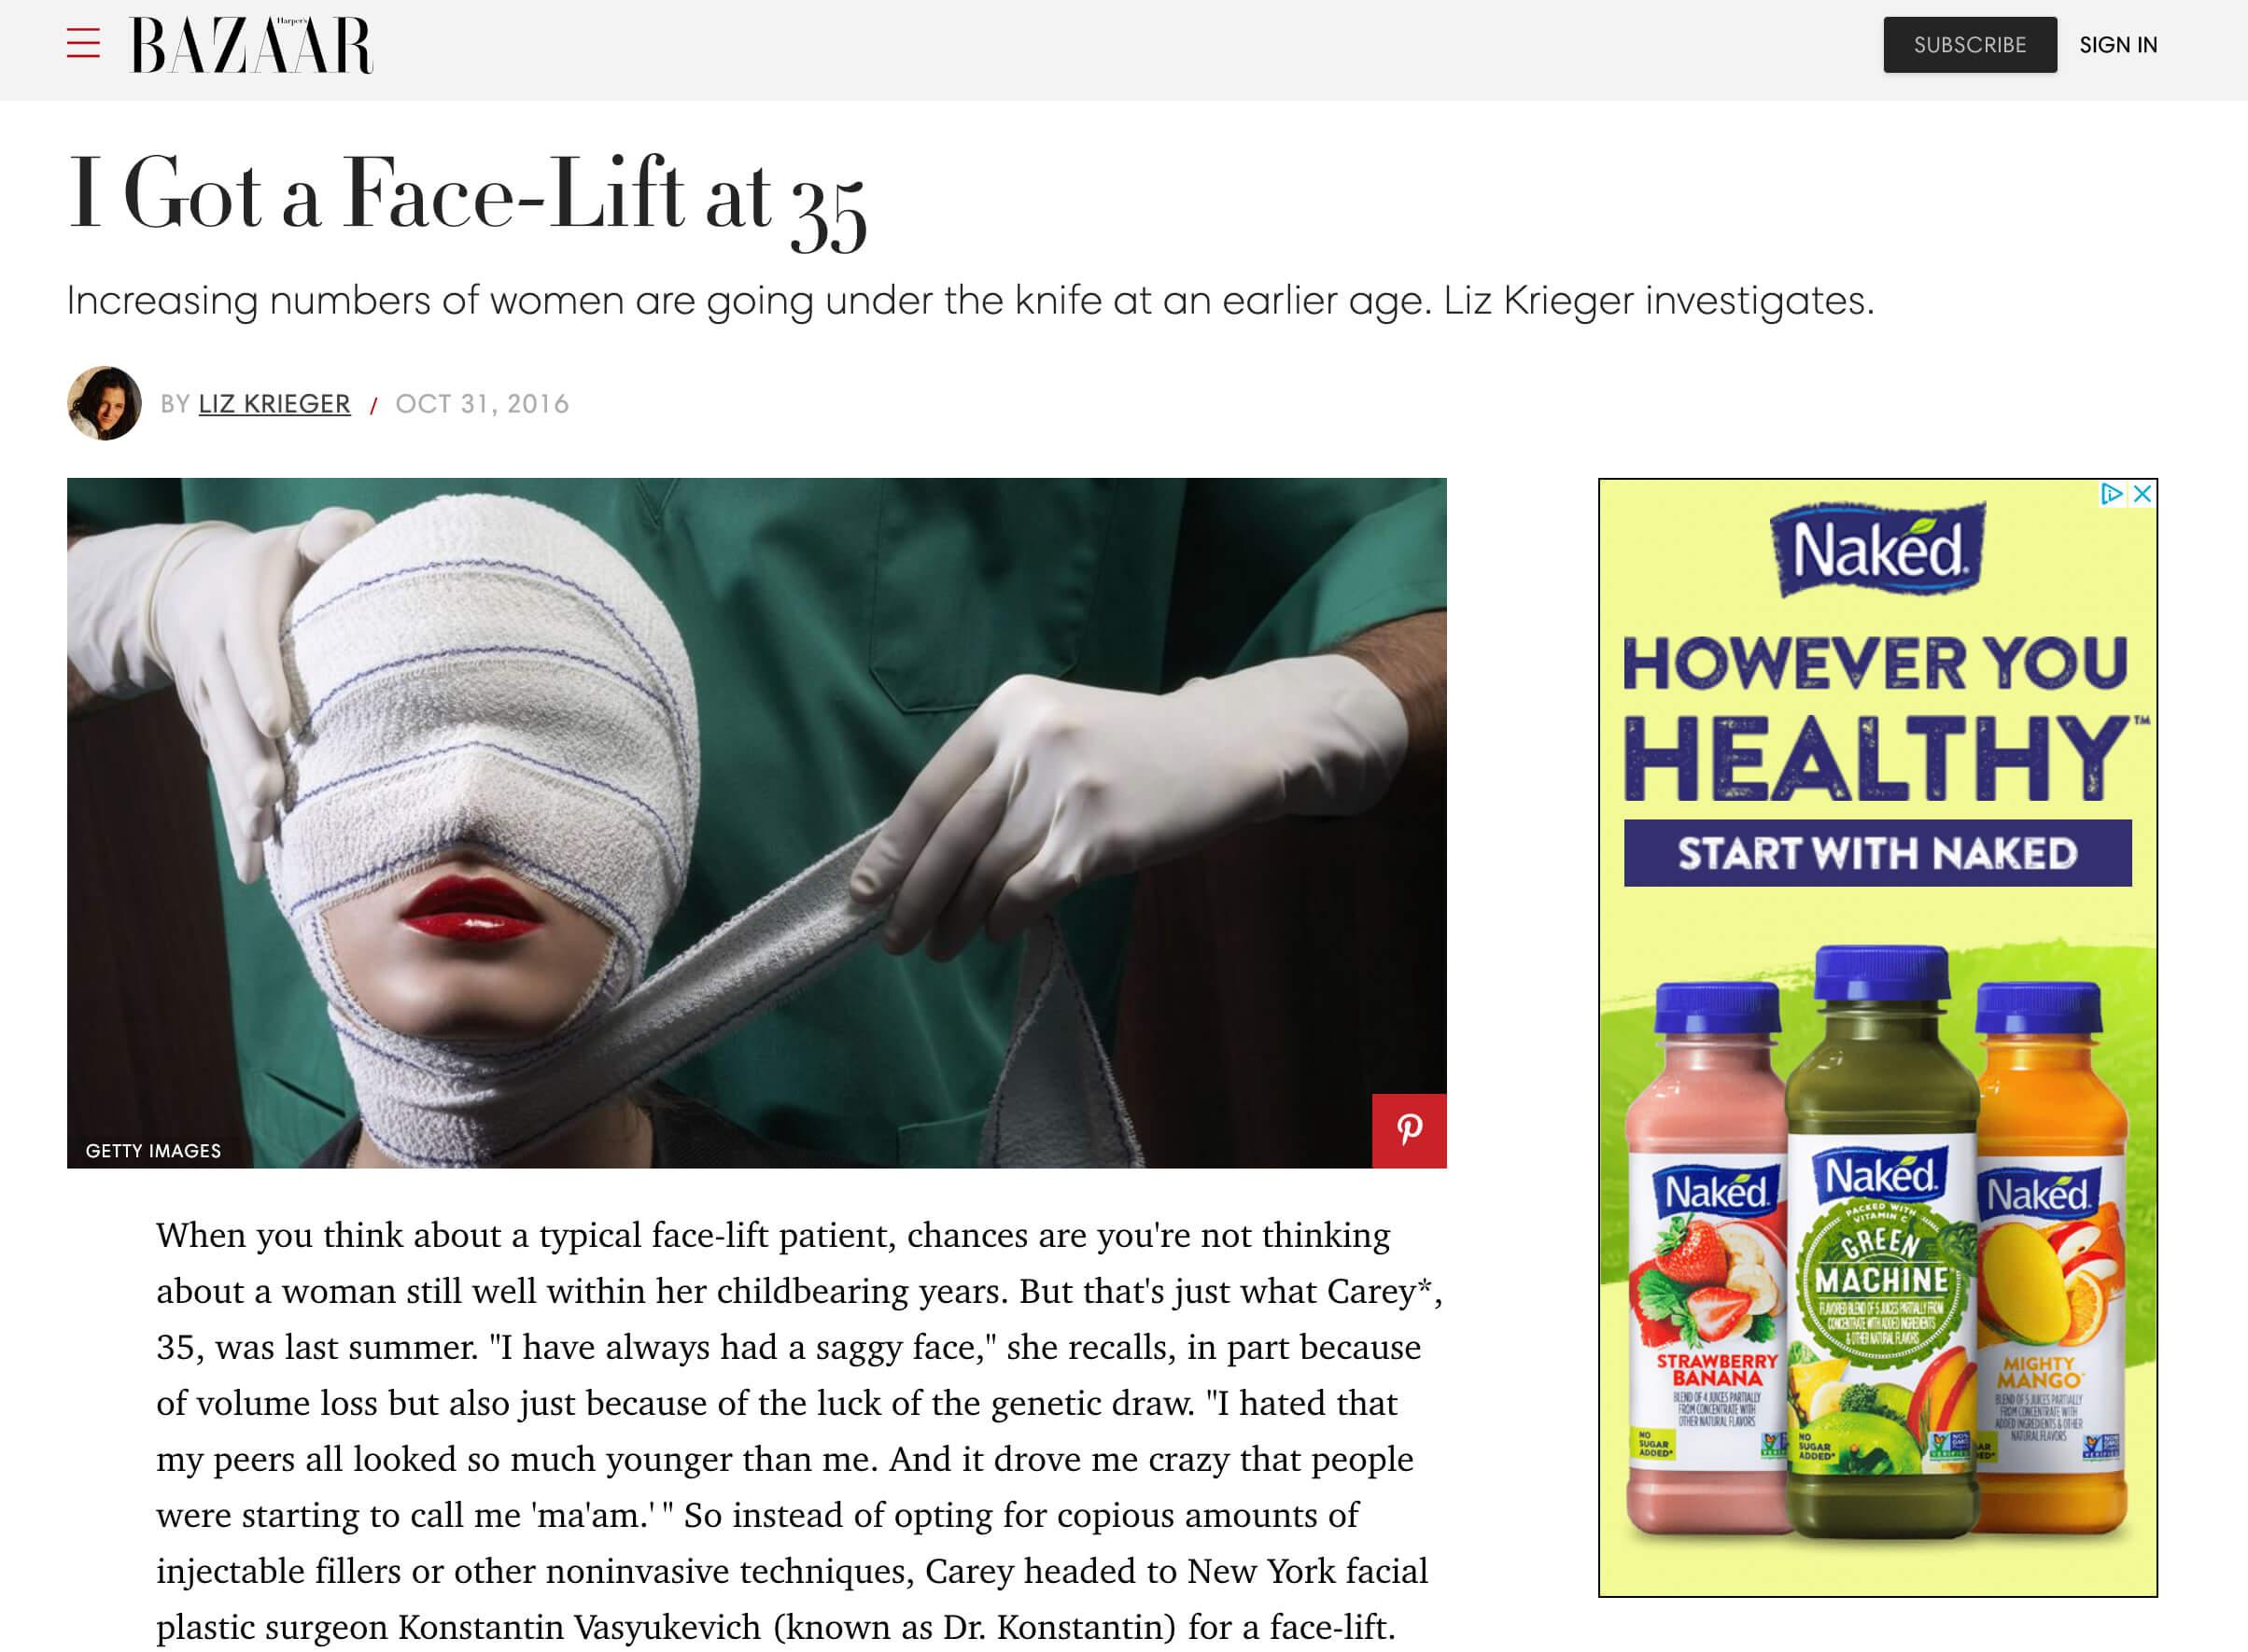 Bazaar News article